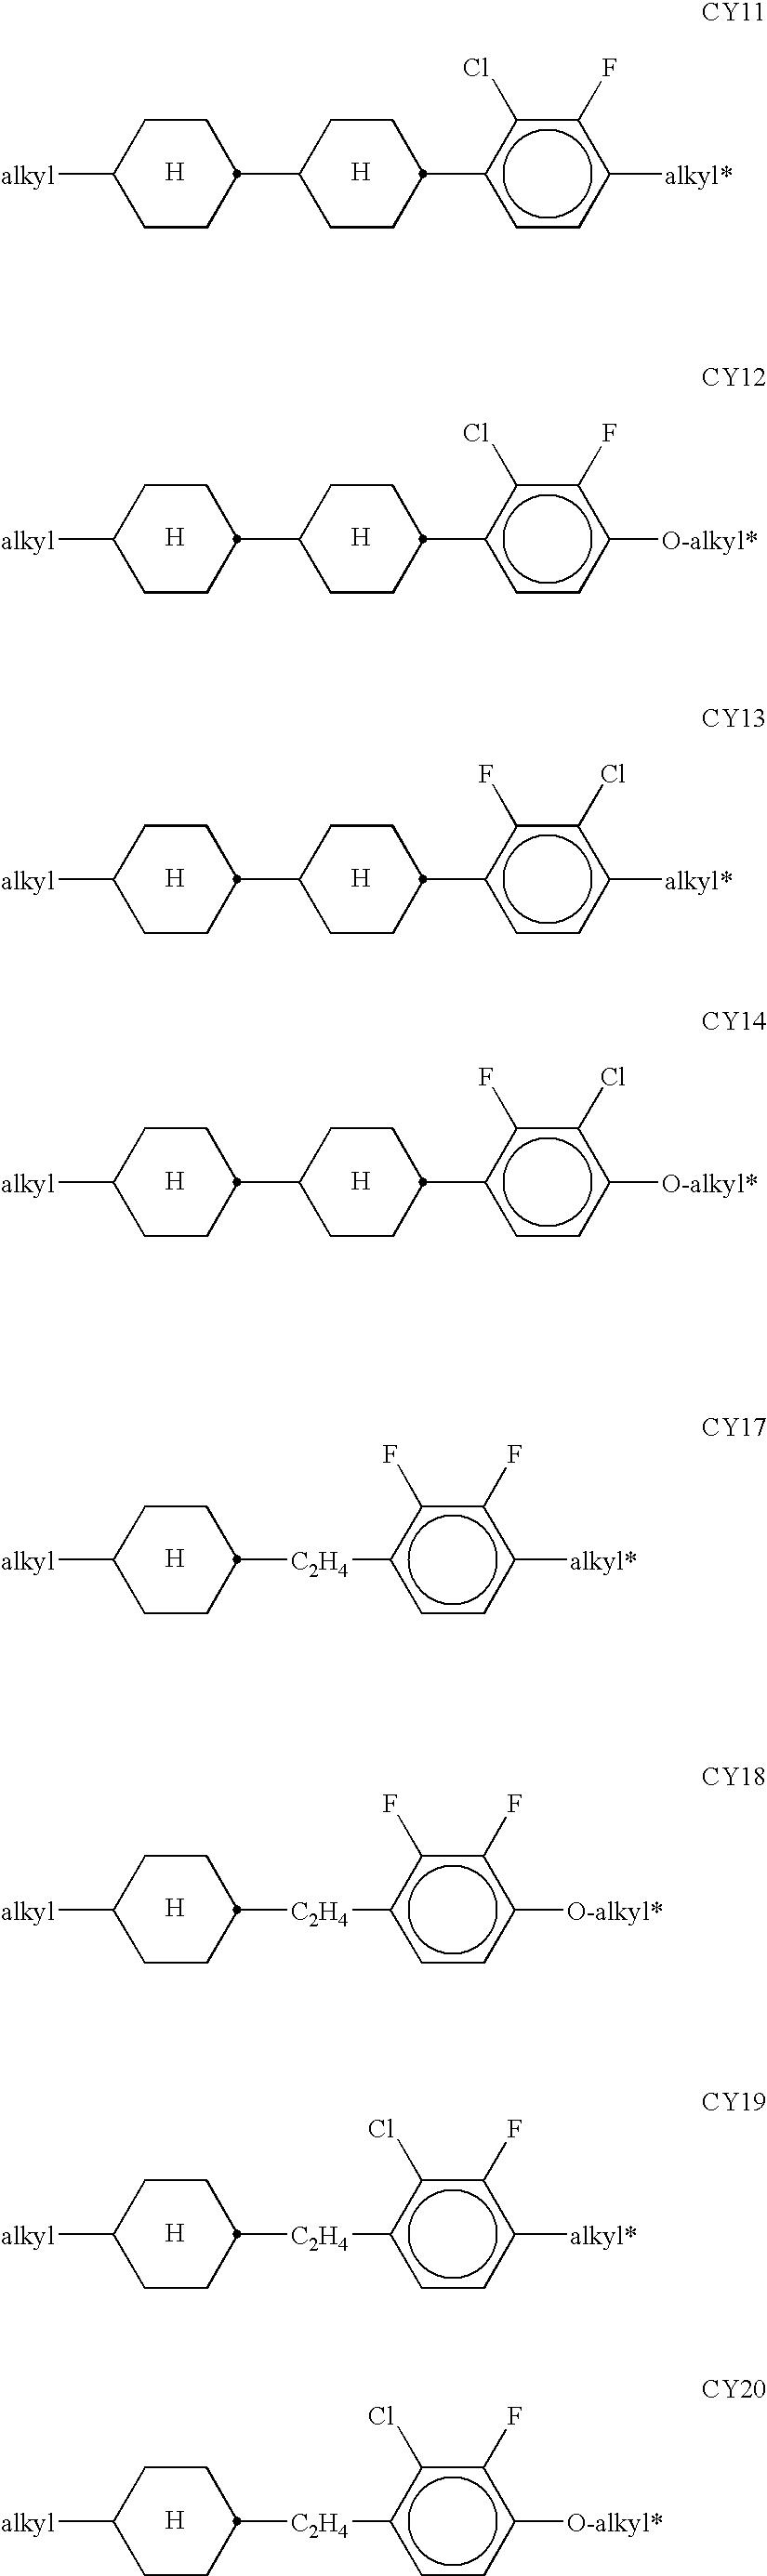 Figure US20100304049A1-20101202-C00020